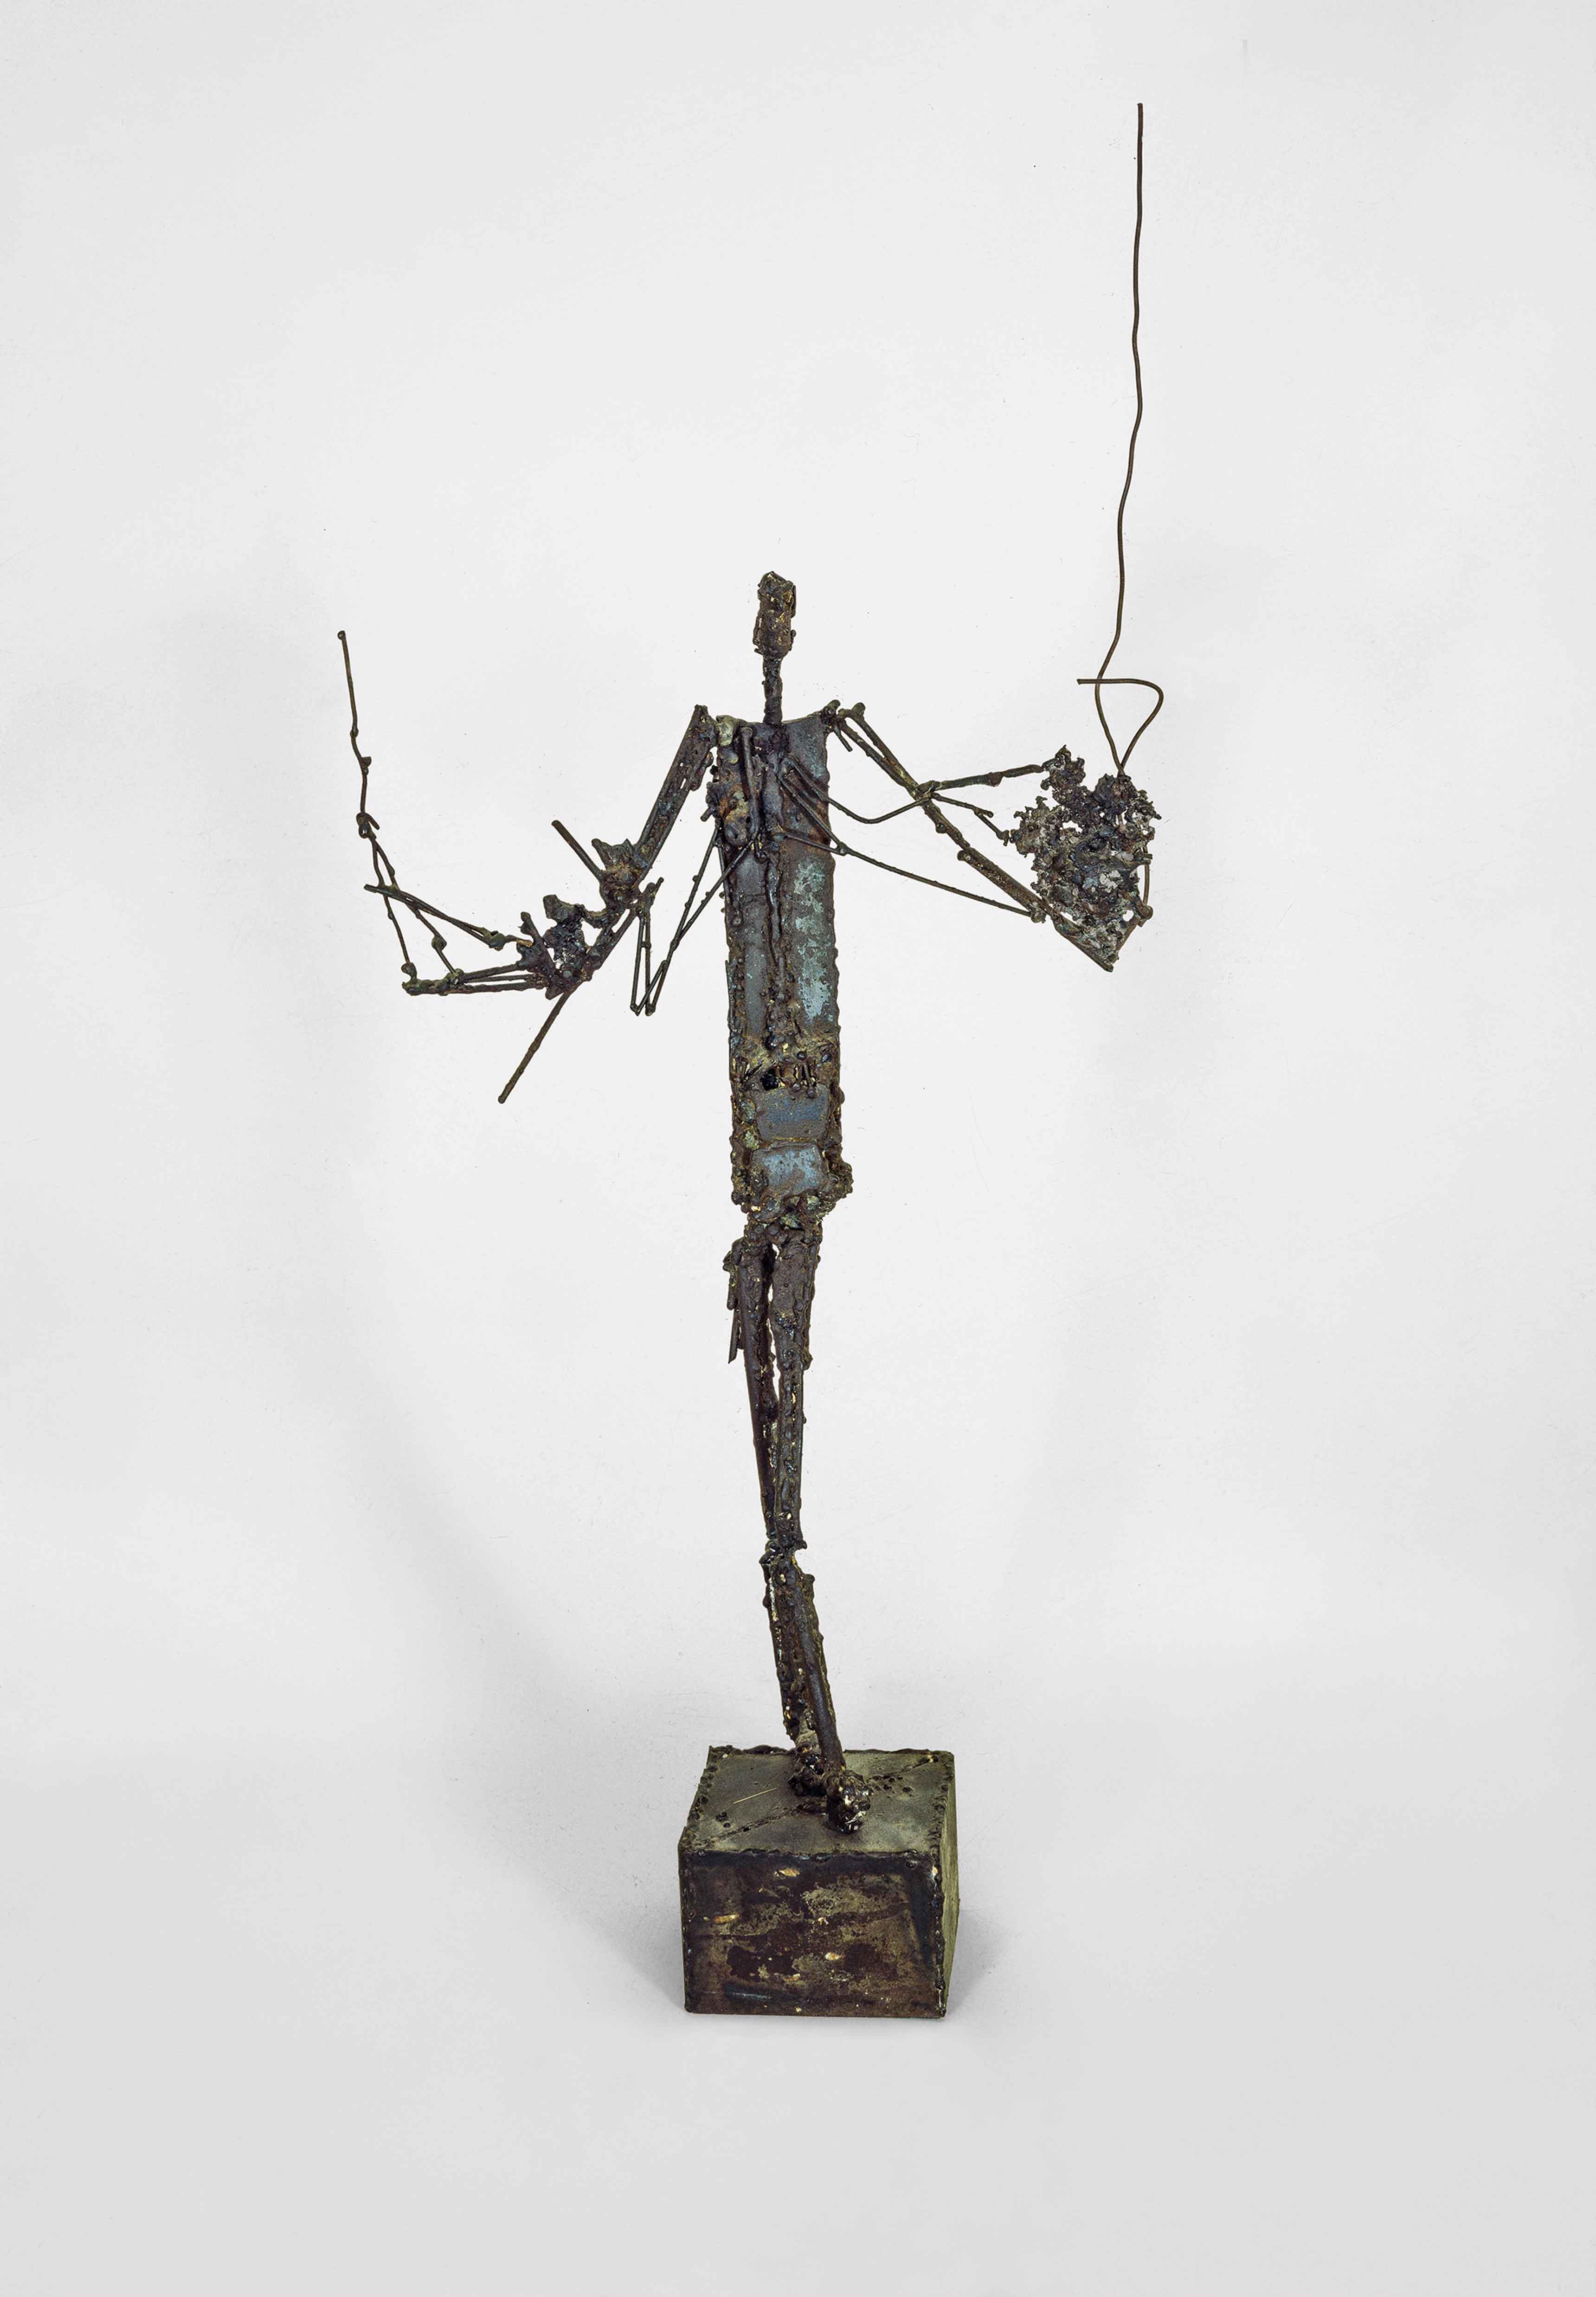 CÉSAR -  L'Homme qui marche, 1954